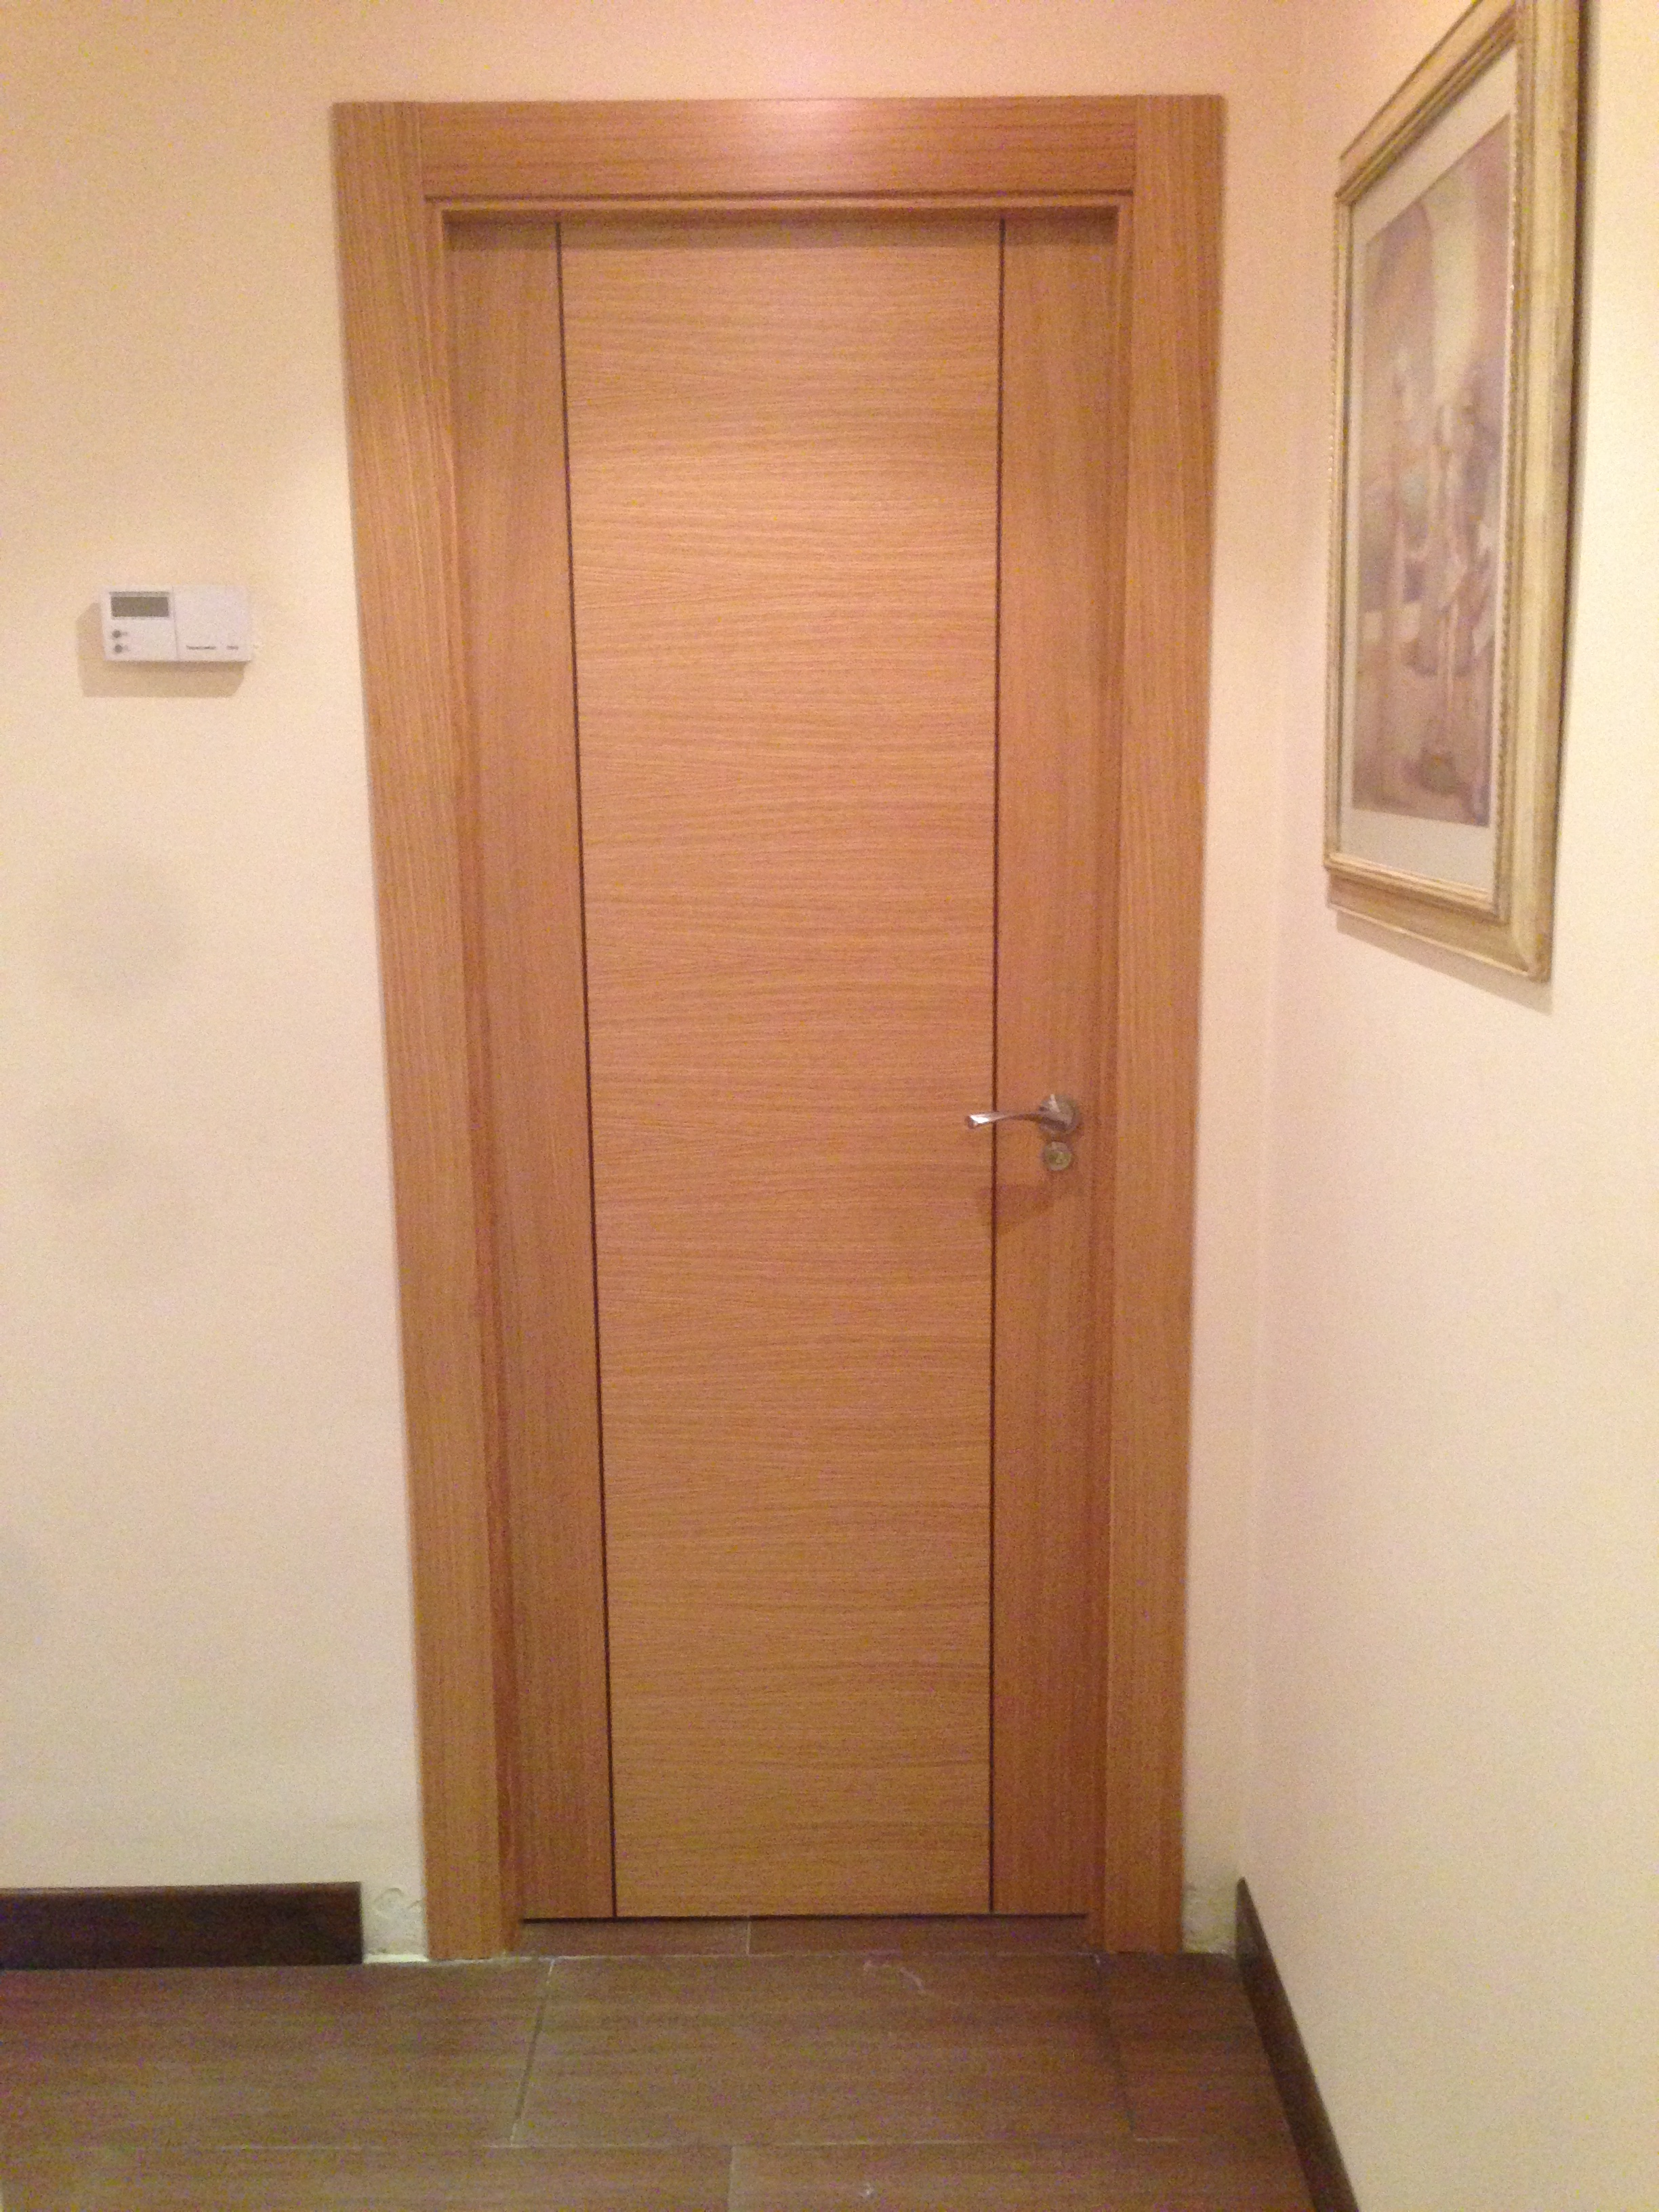 Puertas lacadas blancas de interiores mod 80 modelos de for Puertas de interior baratas